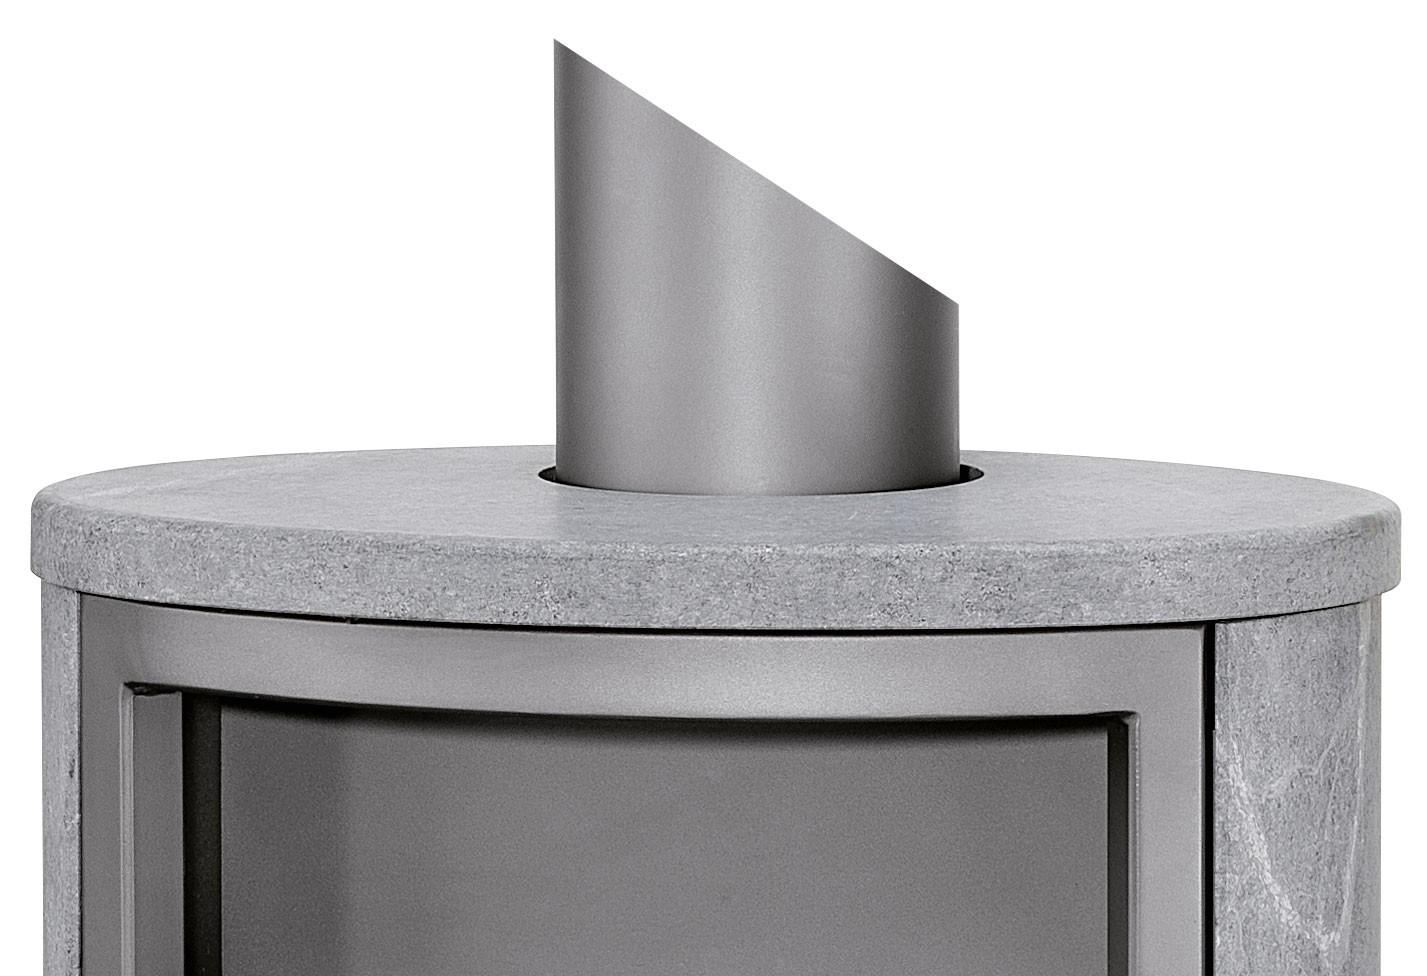 kombi abdeckplatte speckstein rund. Black Bedroom Furniture Sets. Home Design Ideas